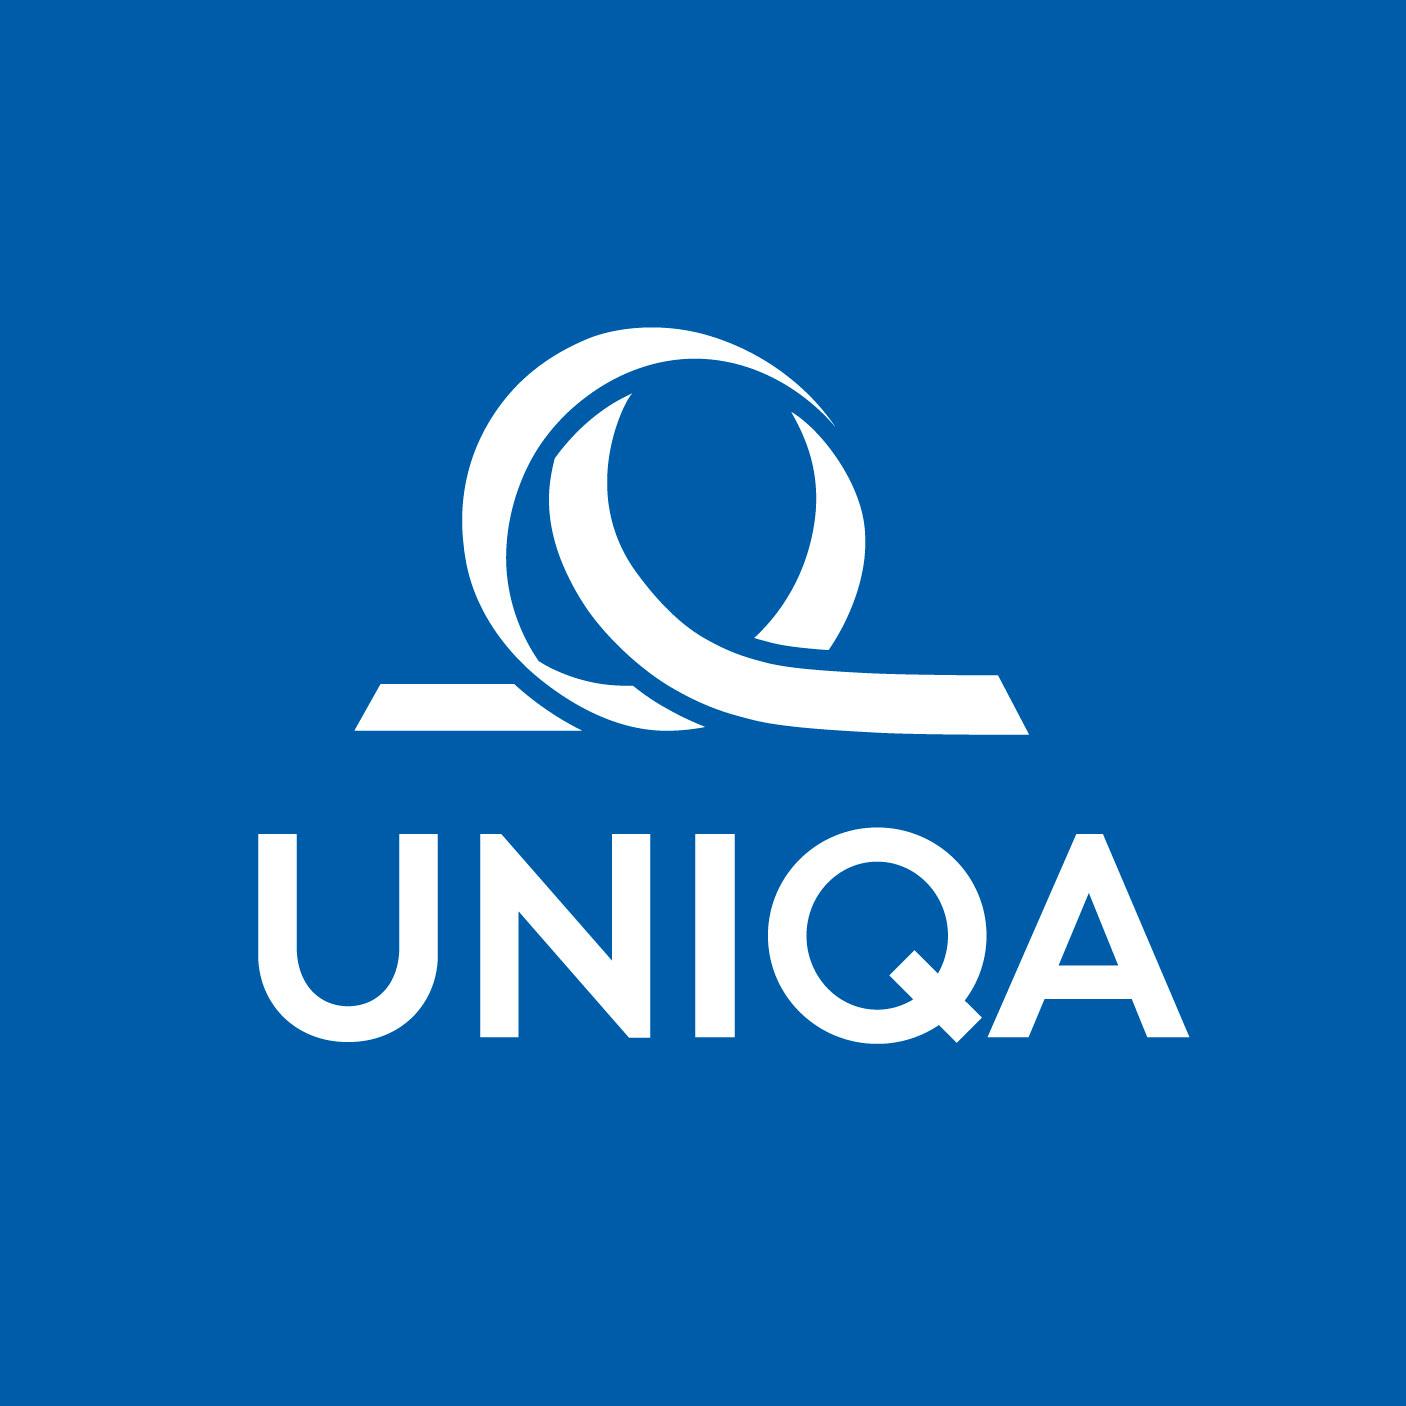 UNIQA ServiceCenter & Kfz Zulassungsstelle Salzburg Süd